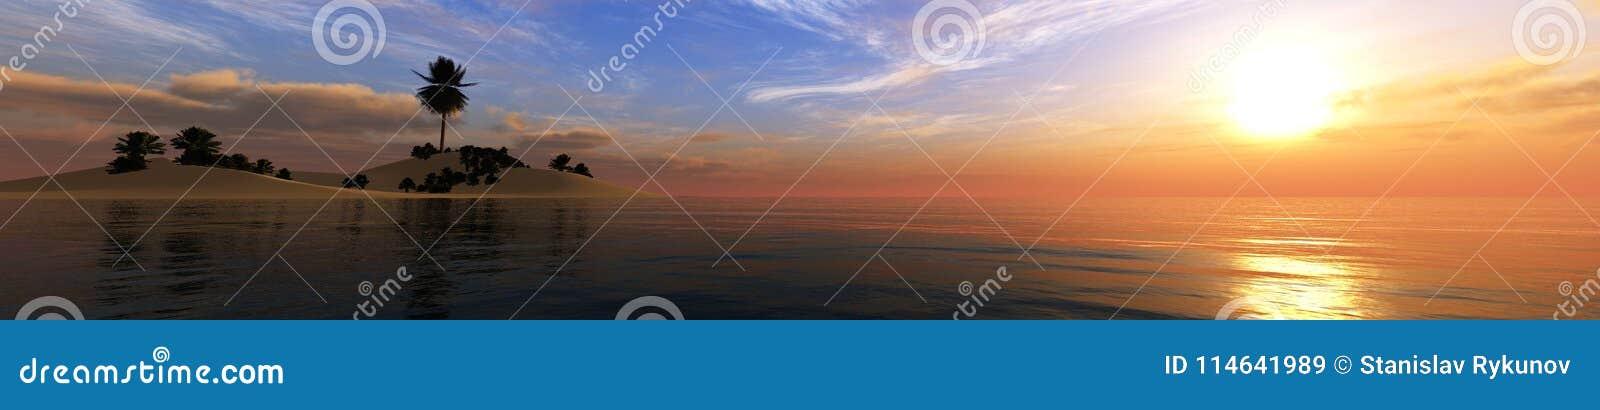 Paysage tropical, plage avec des palmiers au coucher du soleil